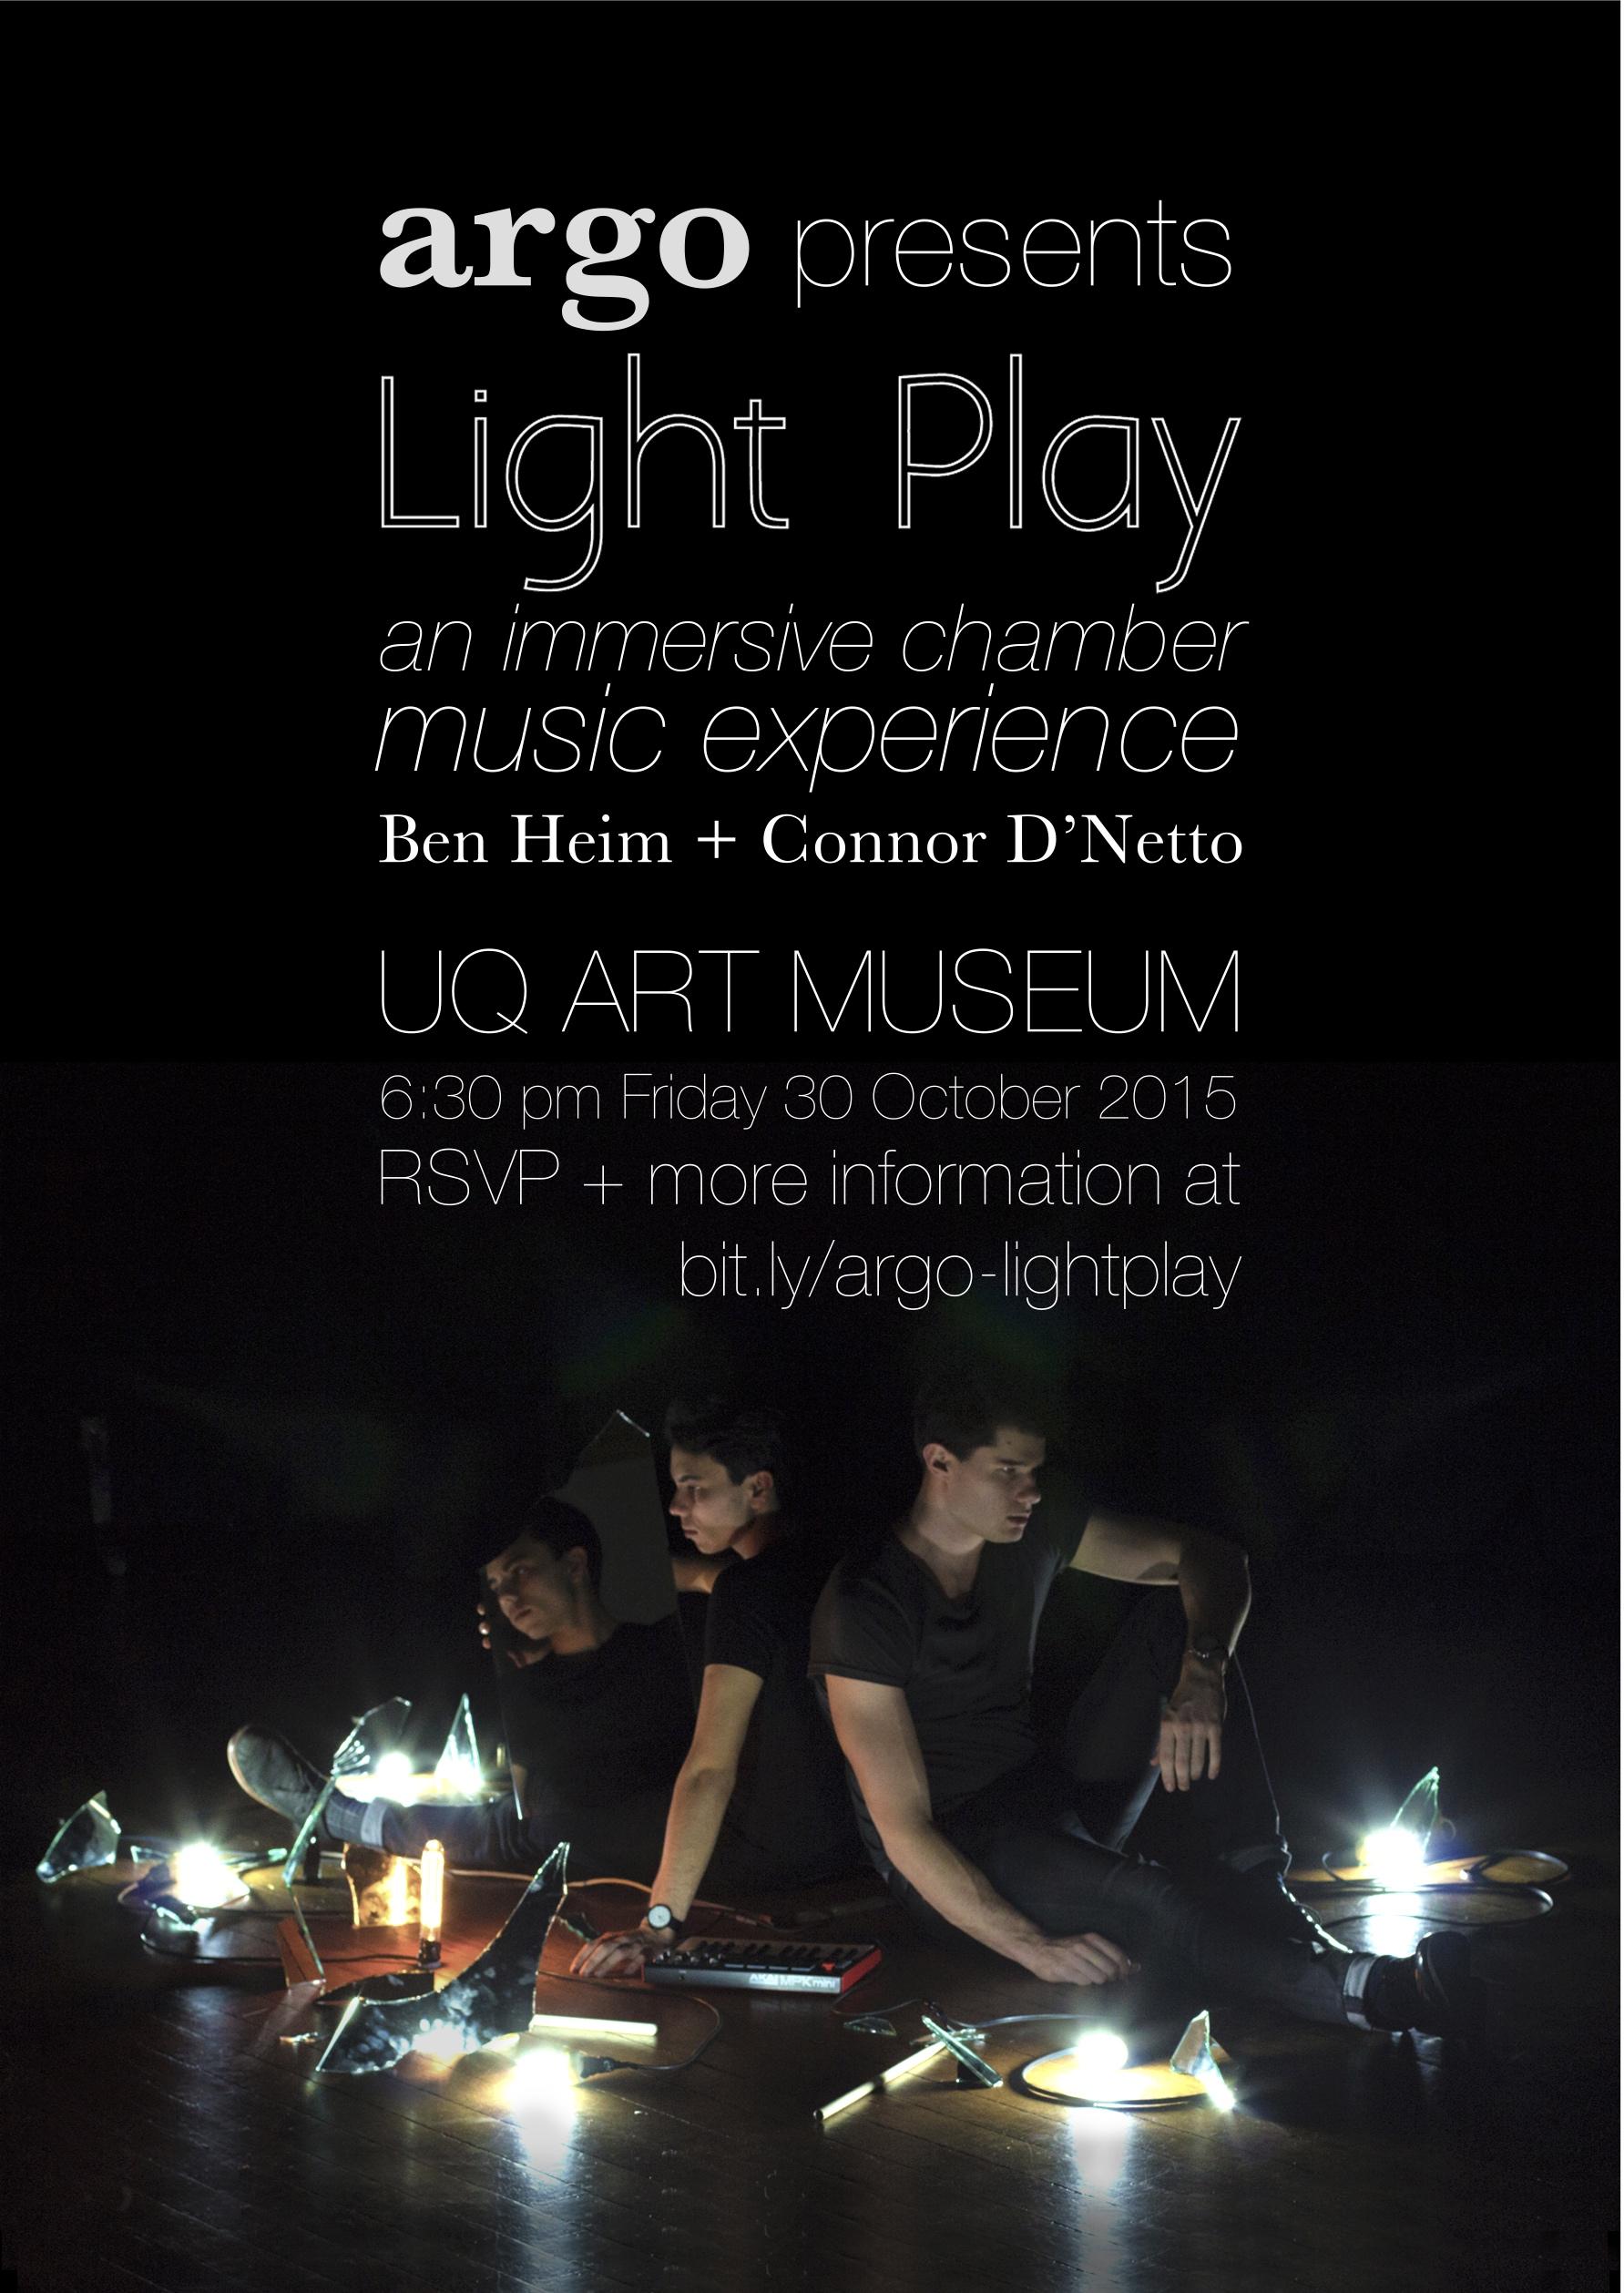 Light Play Flyer.jpg